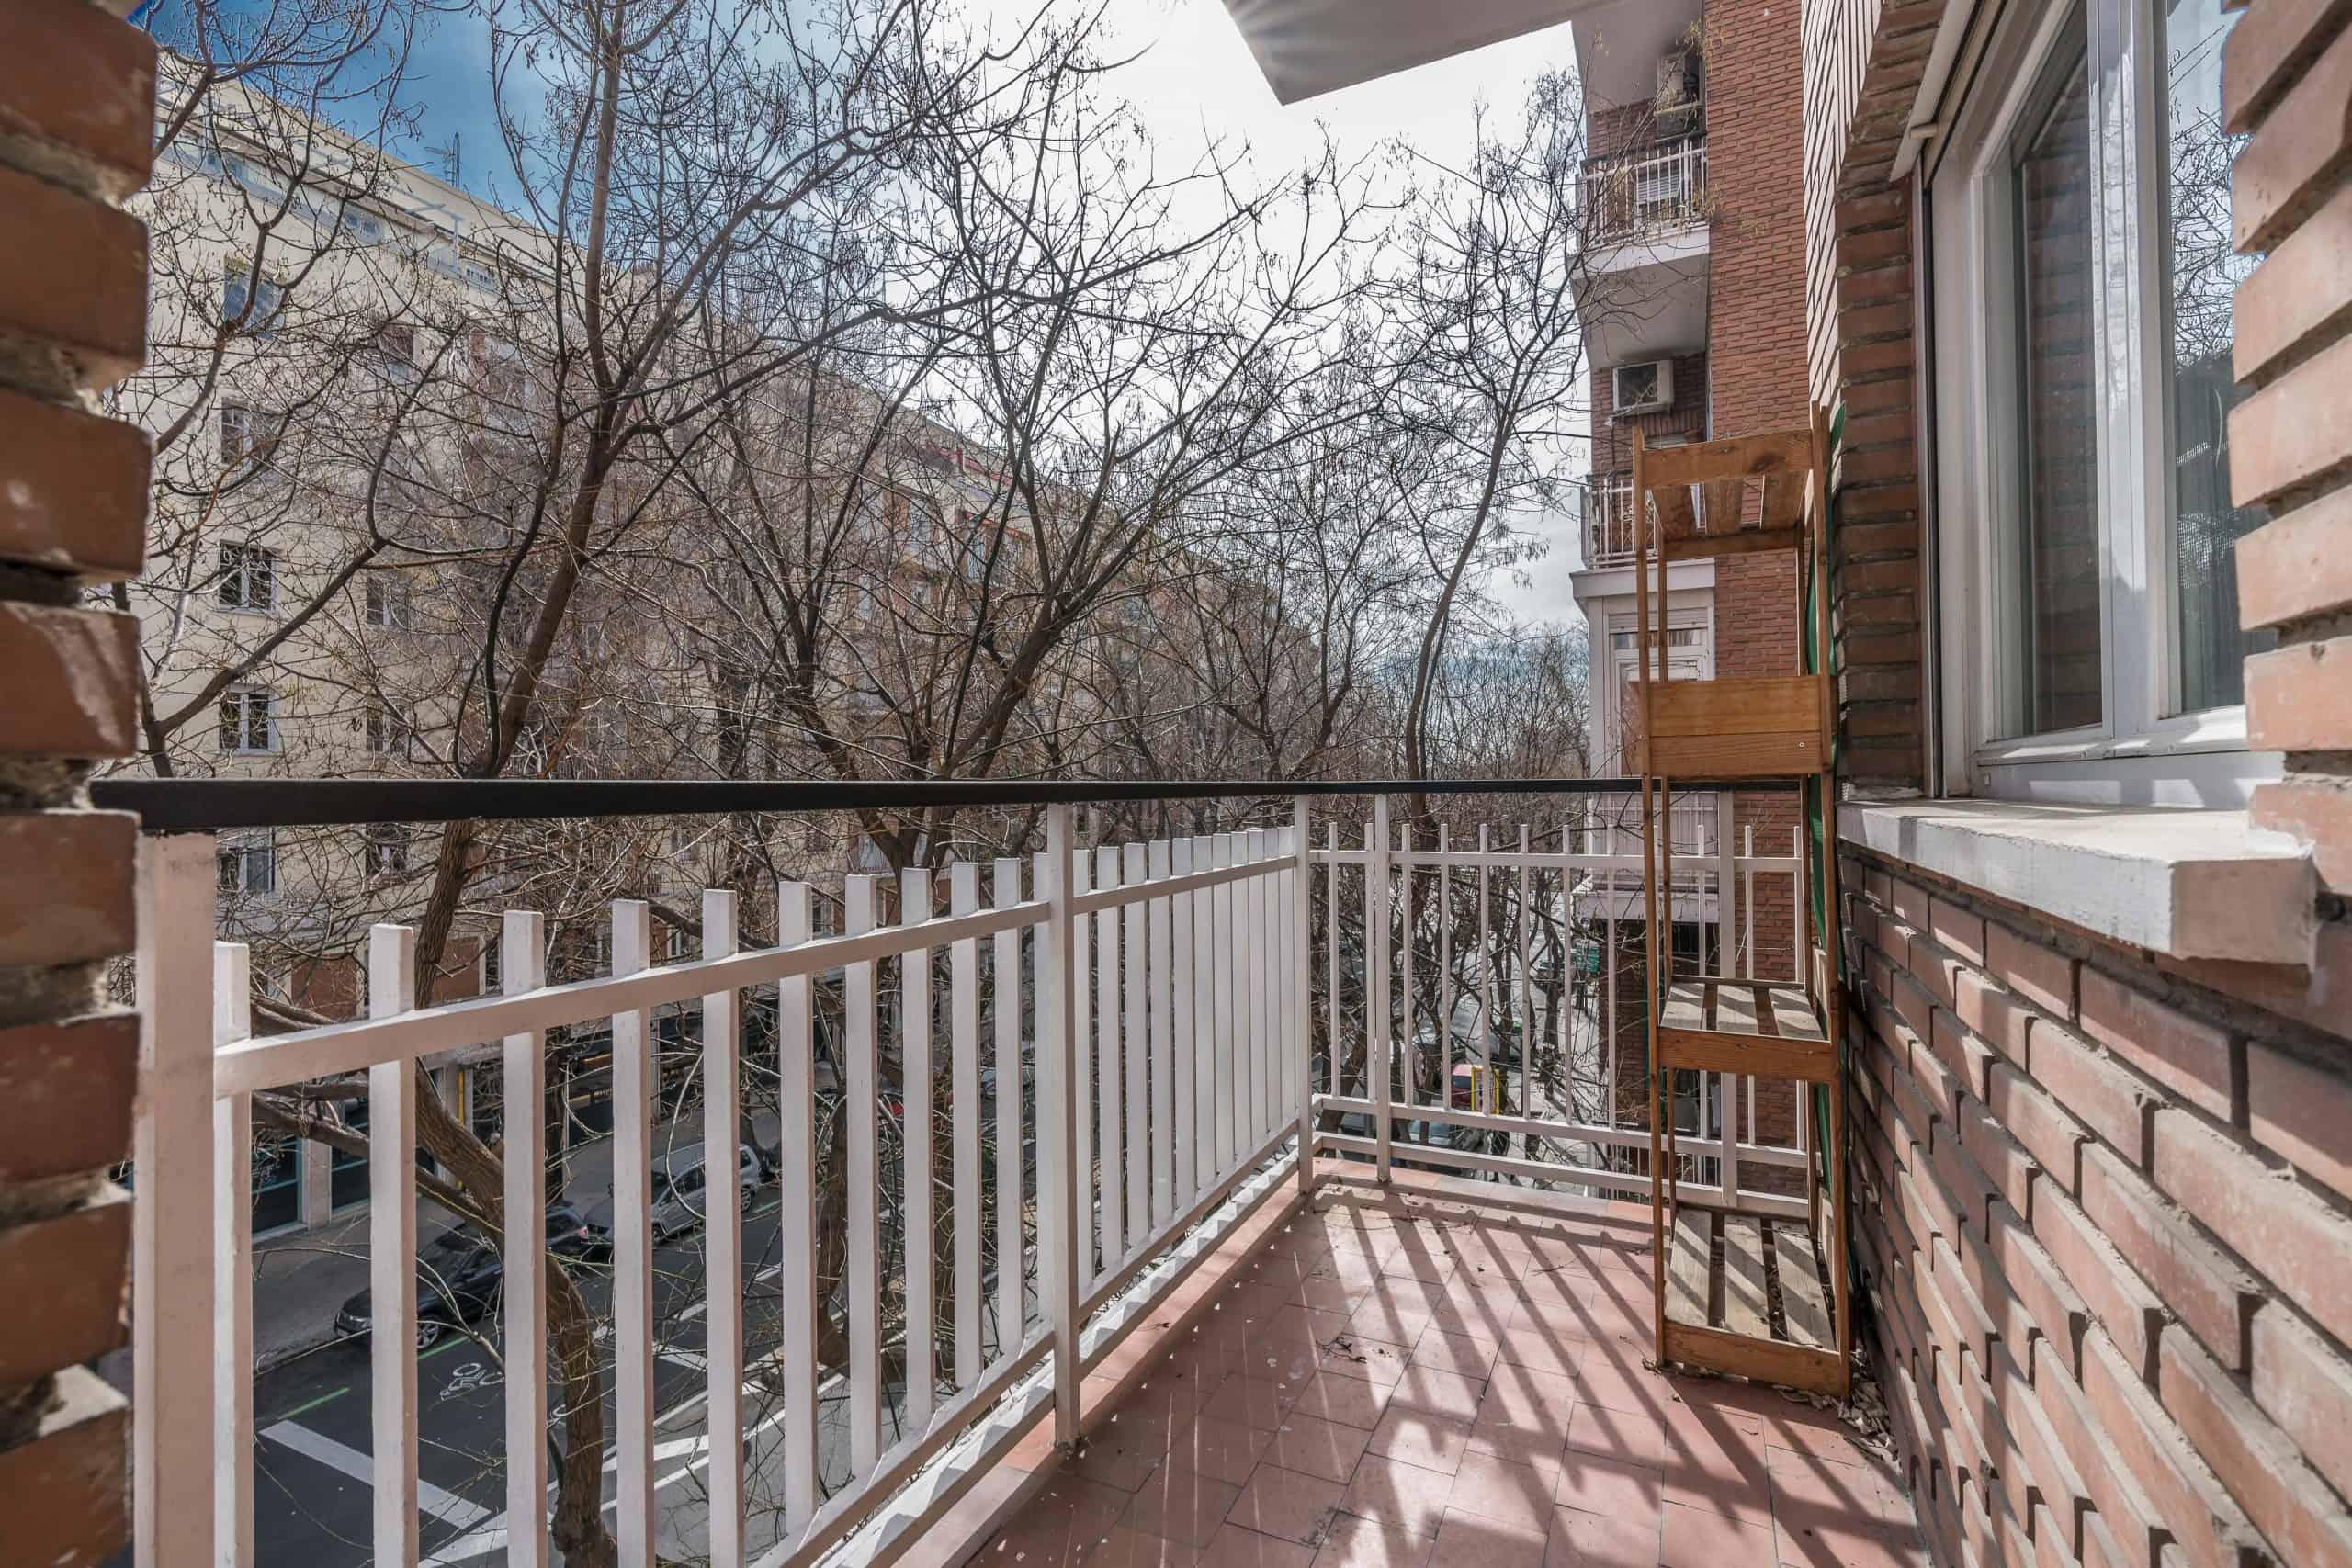 Agencia Inmobiliaria de Madrid-FUTUROCASA-Zona ARGANZUELA-LEGAZPI -calle Jaime Conquistador 48- Balcón 1